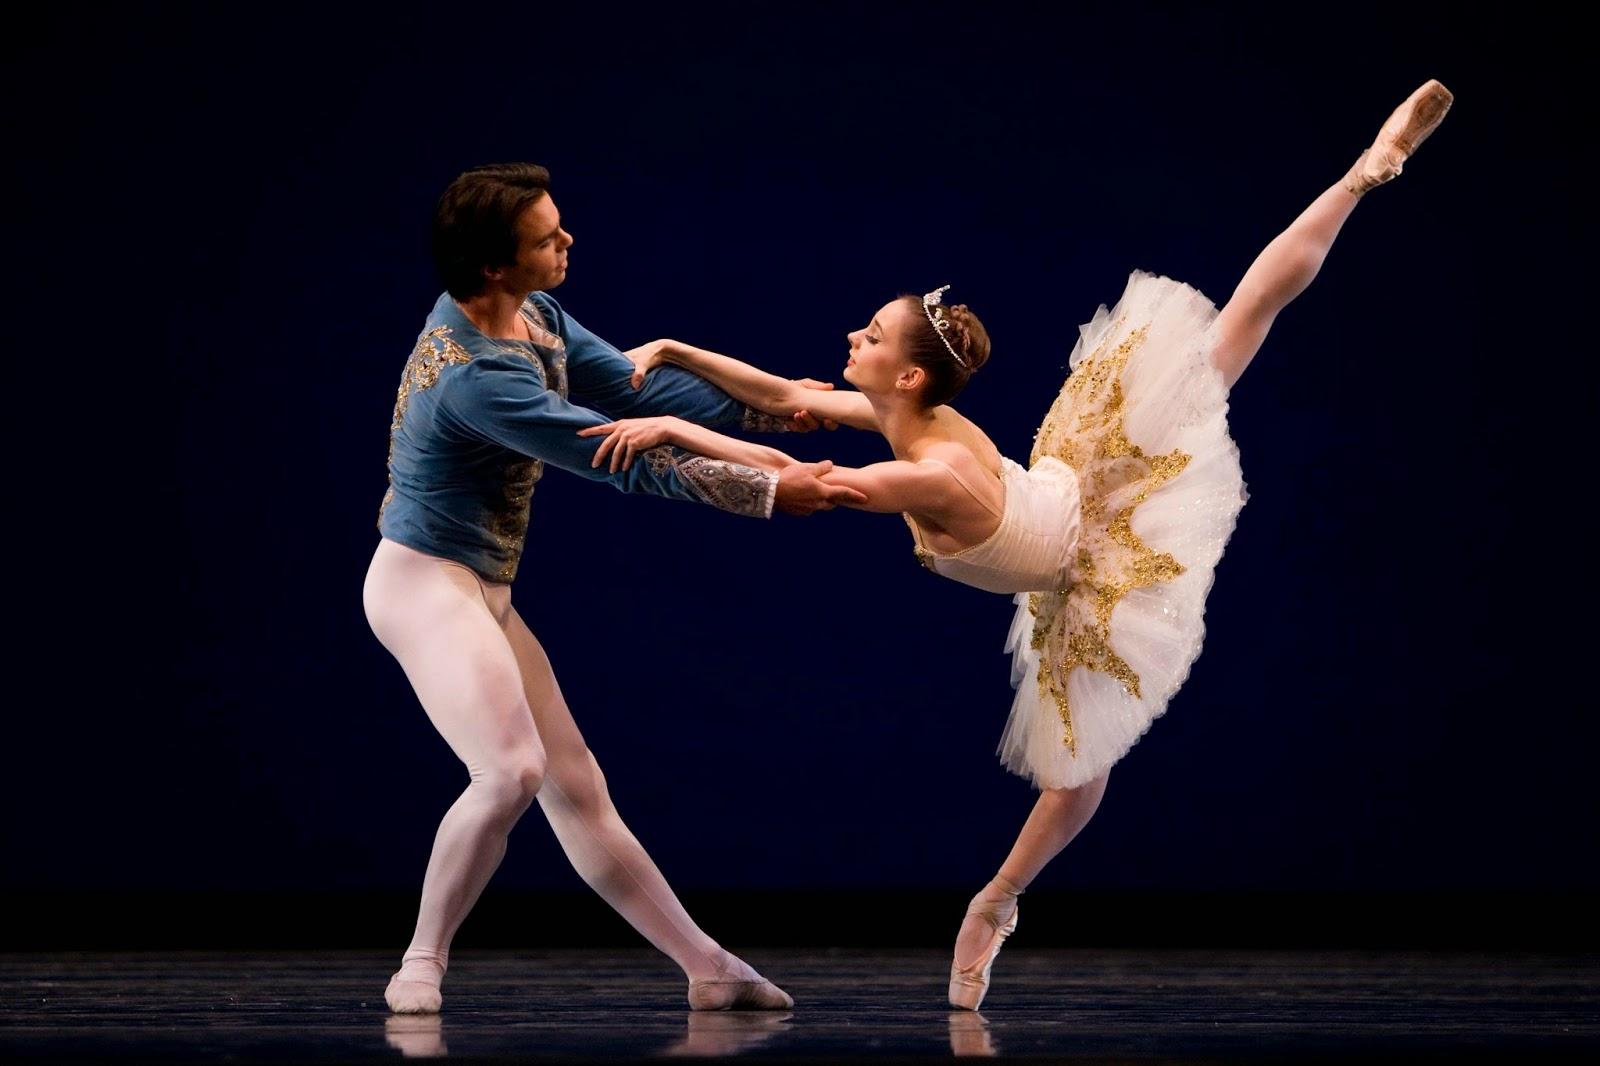 Resultado de imagen para bailar ballet